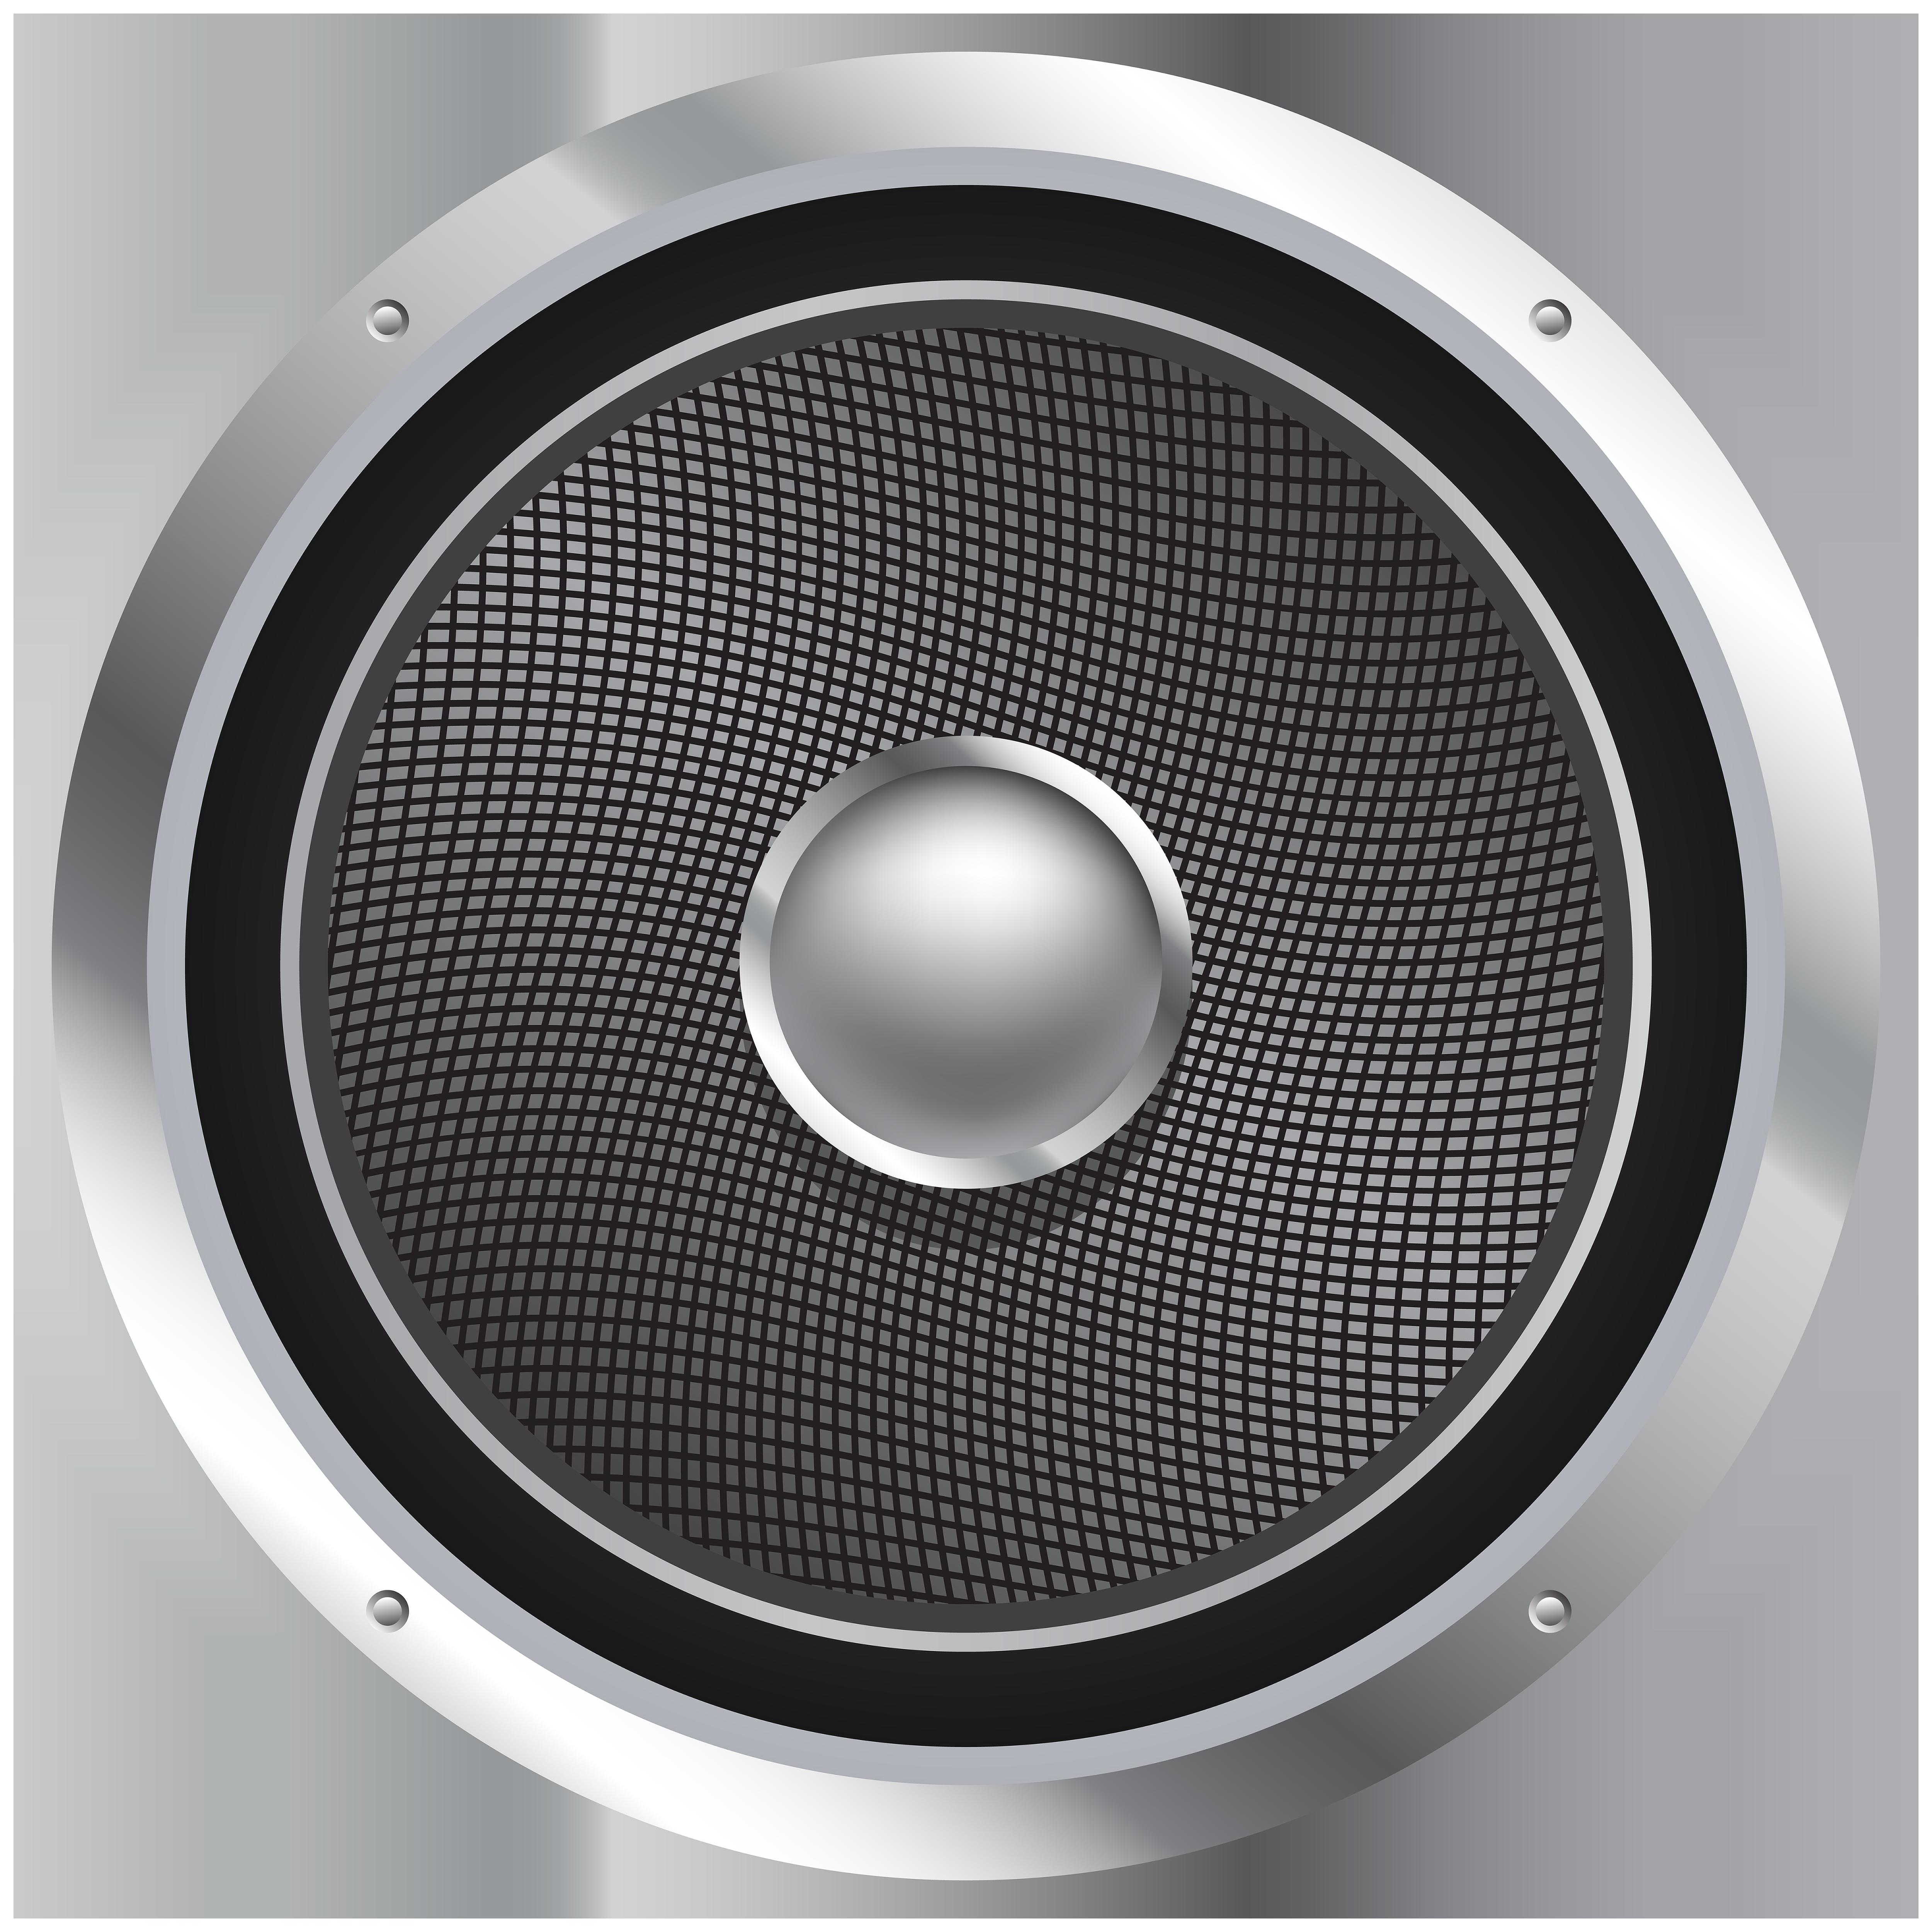 Speaker PNG Clip Art Image.